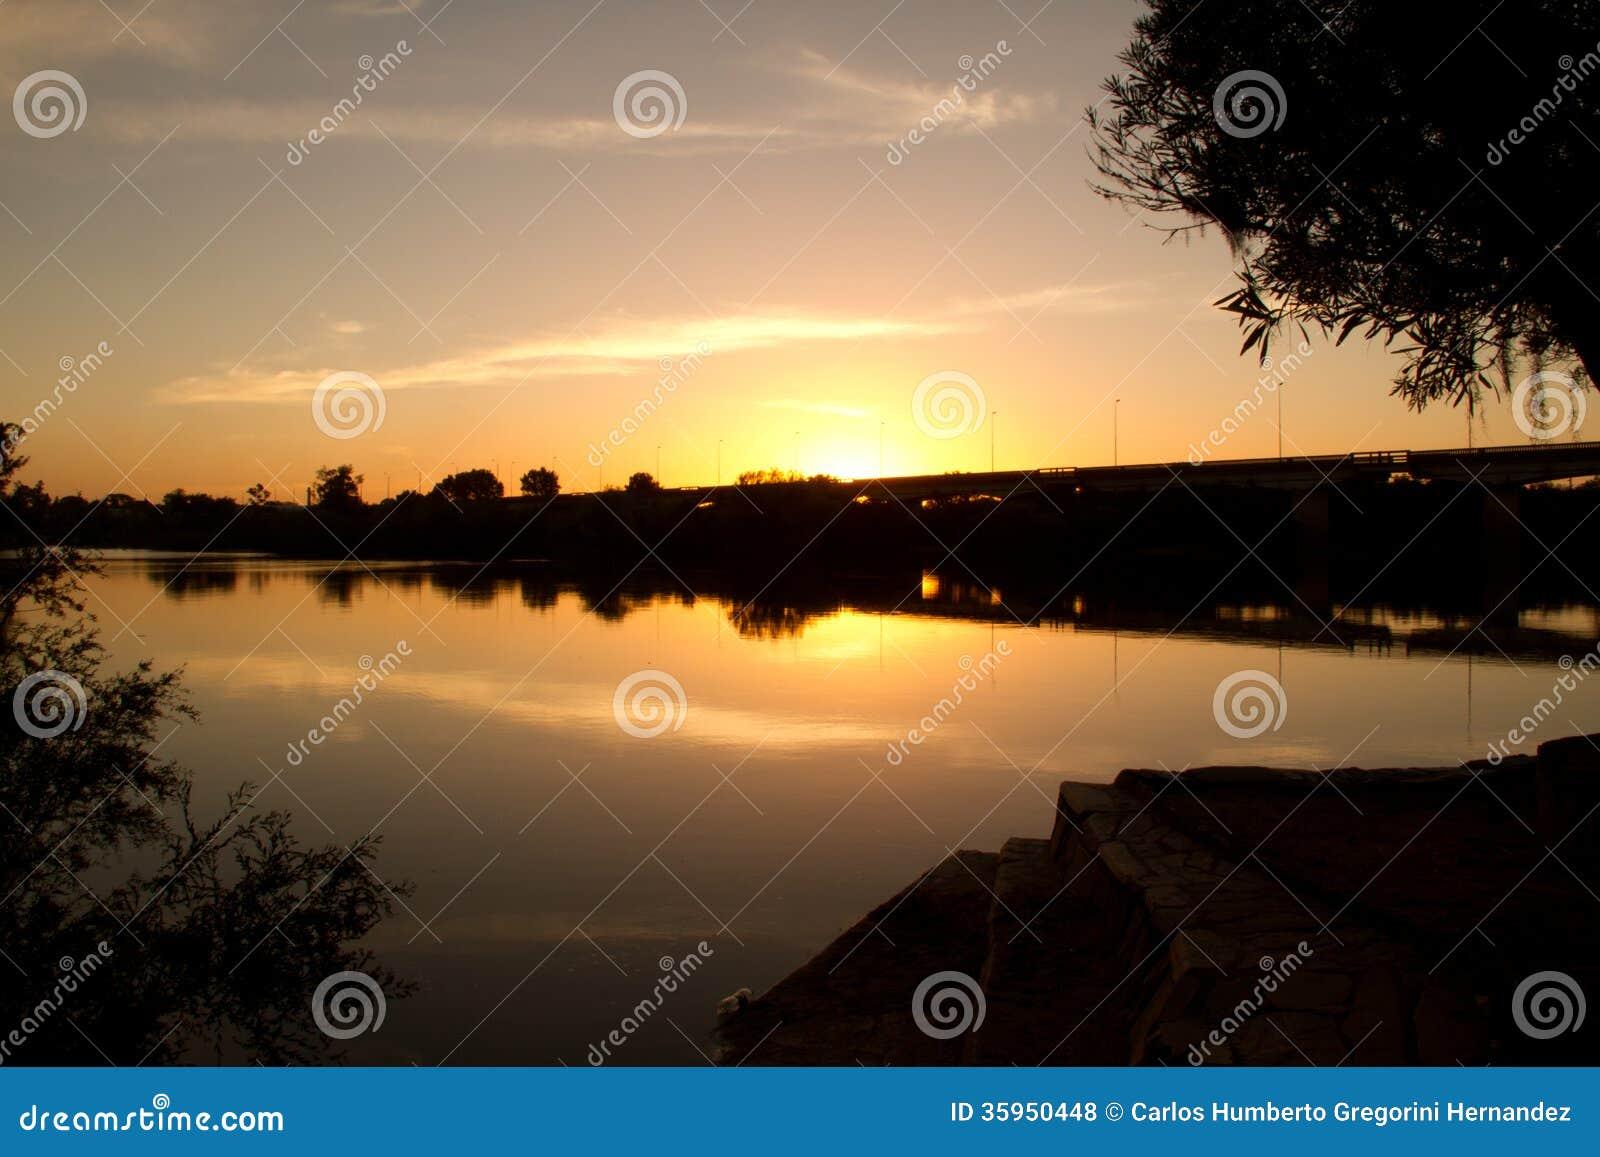 Parque en el río de Olimar